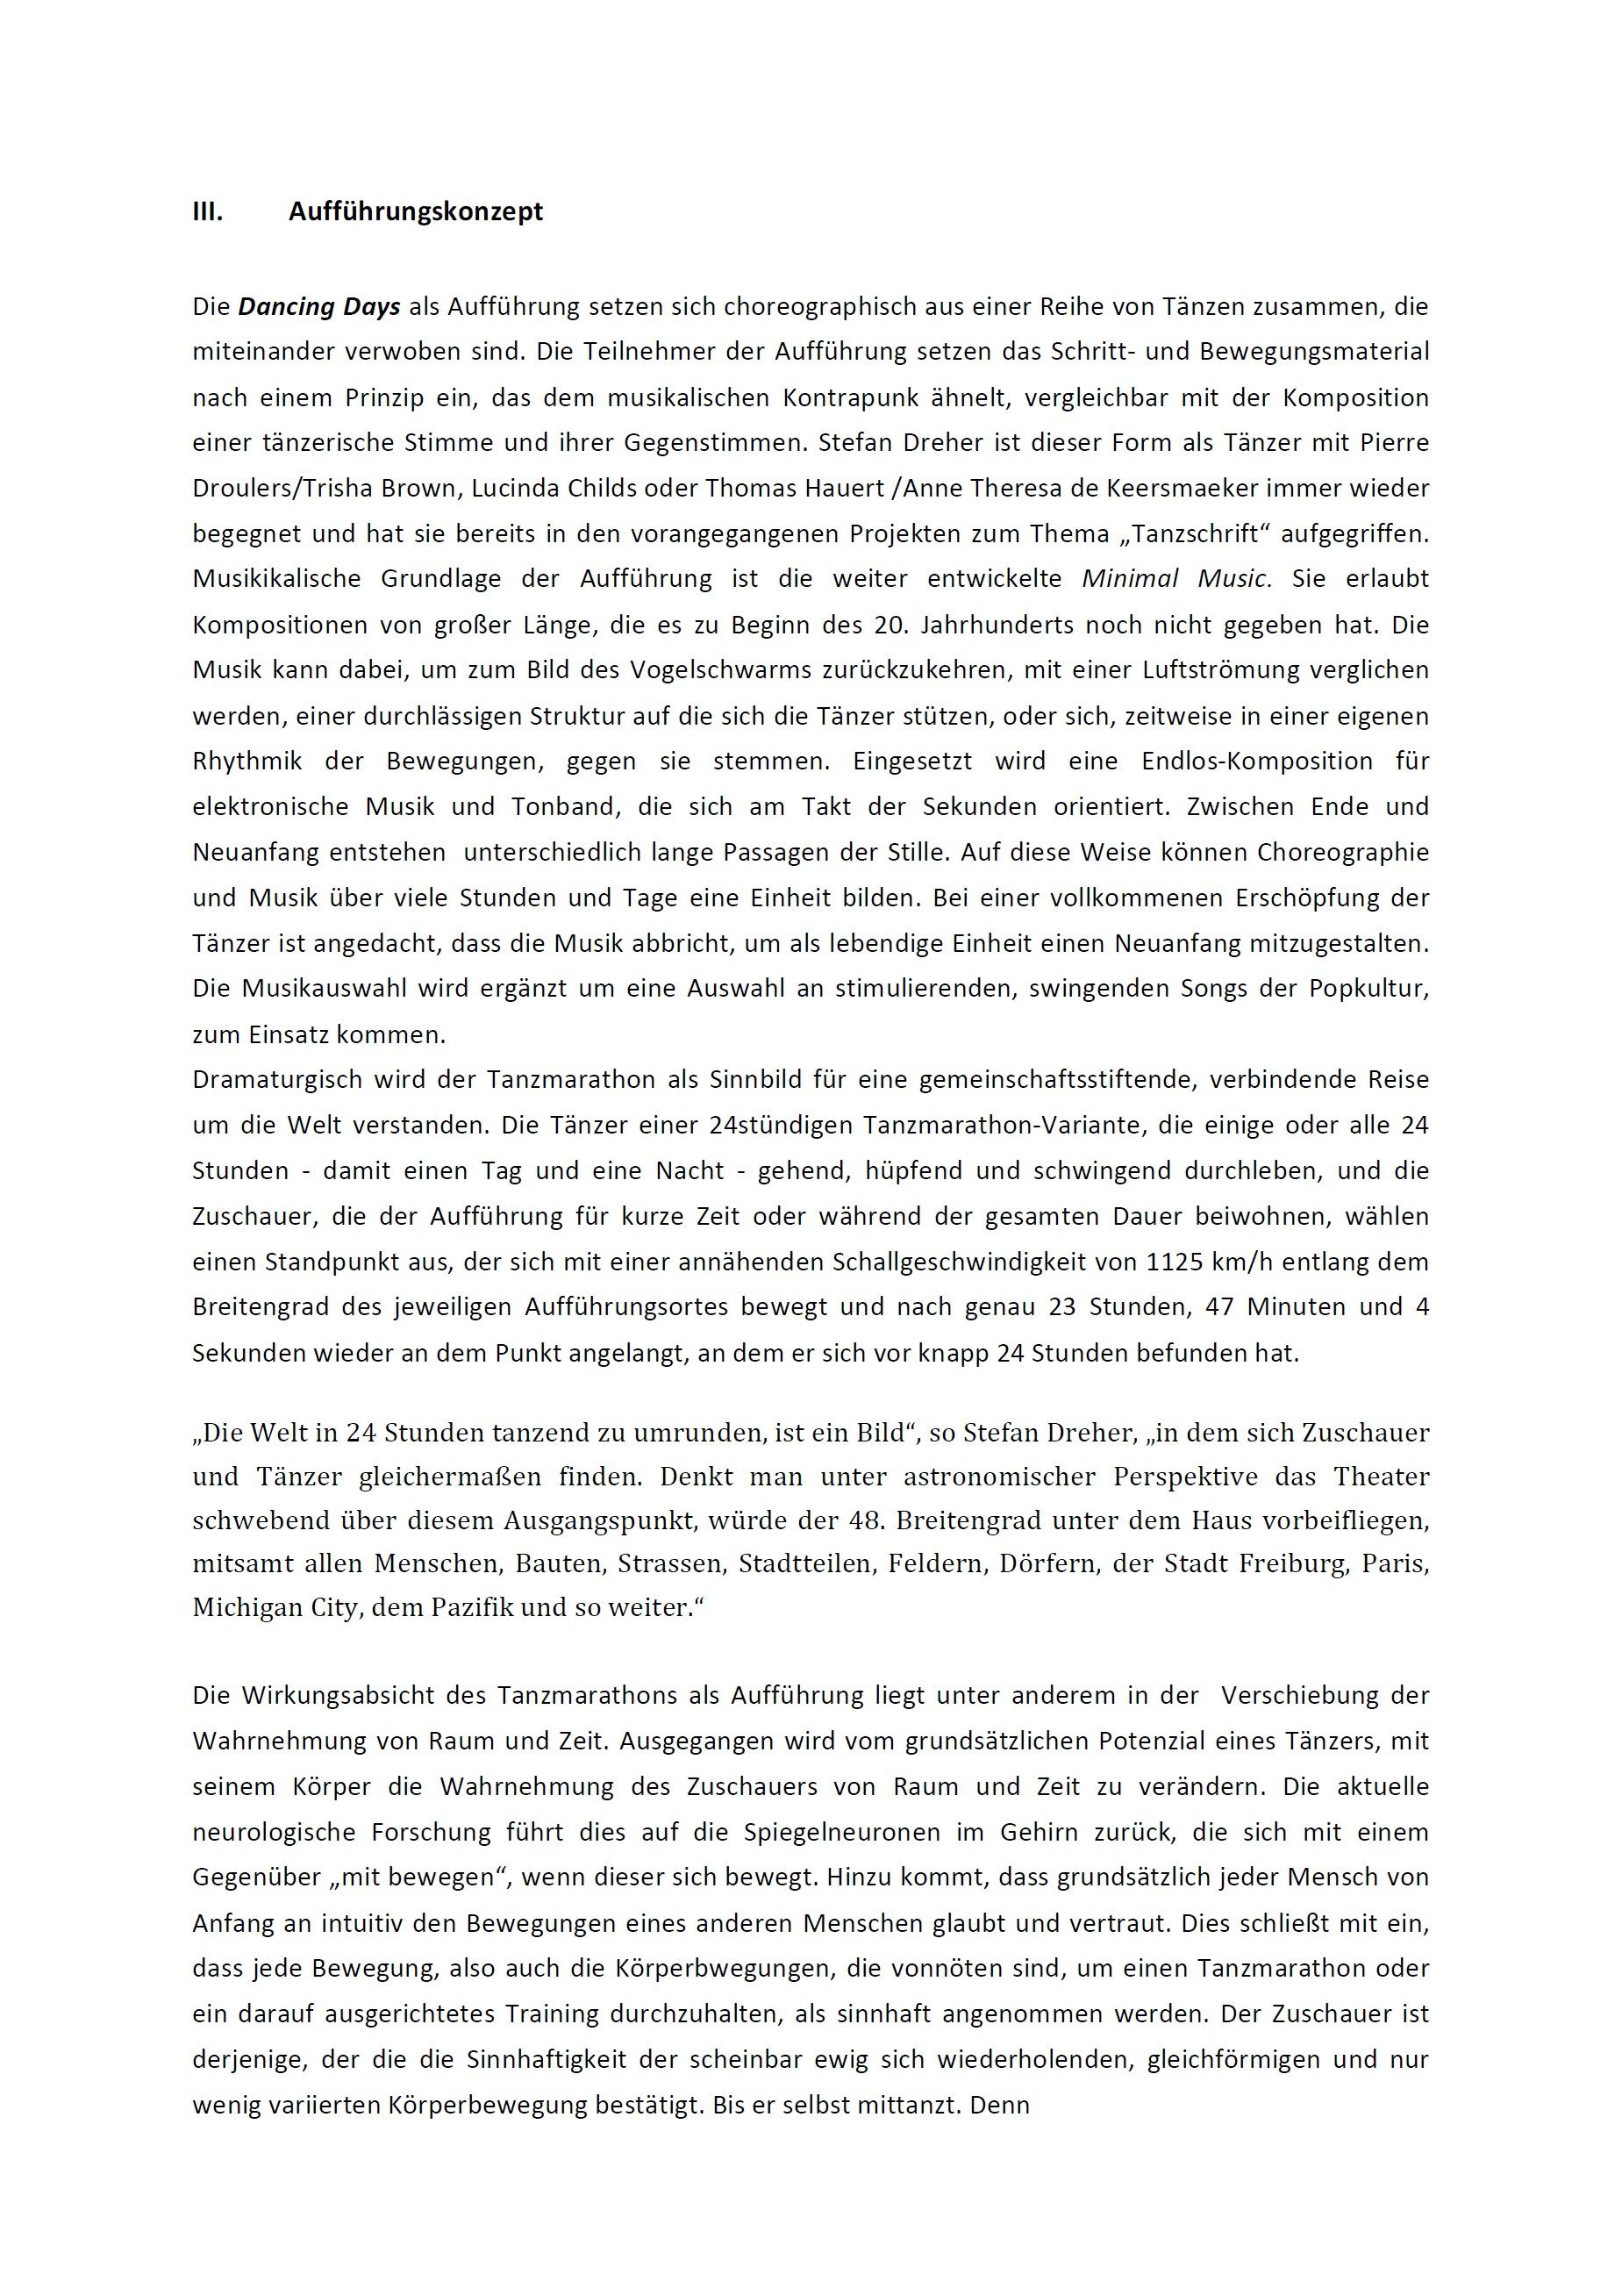 Text Alexandra3